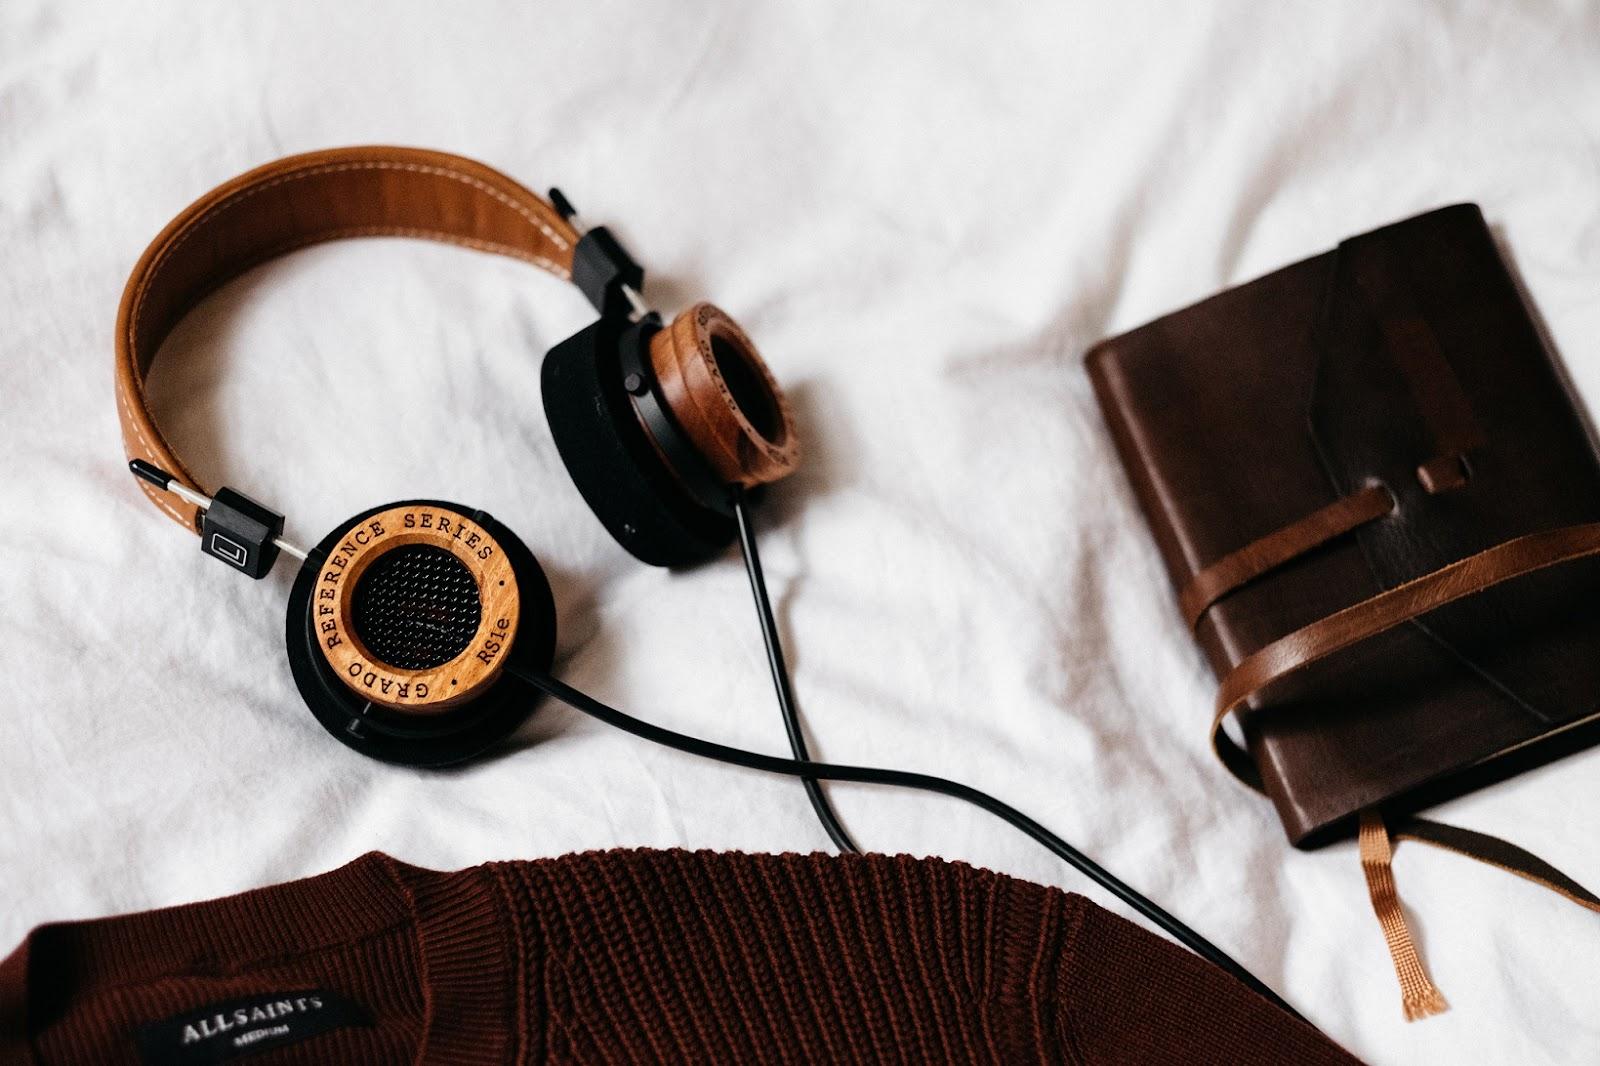 HDicas de viagem para não passar apurosacks de viagem - clipes de buldogue também podem salvar seus fones de ouvido